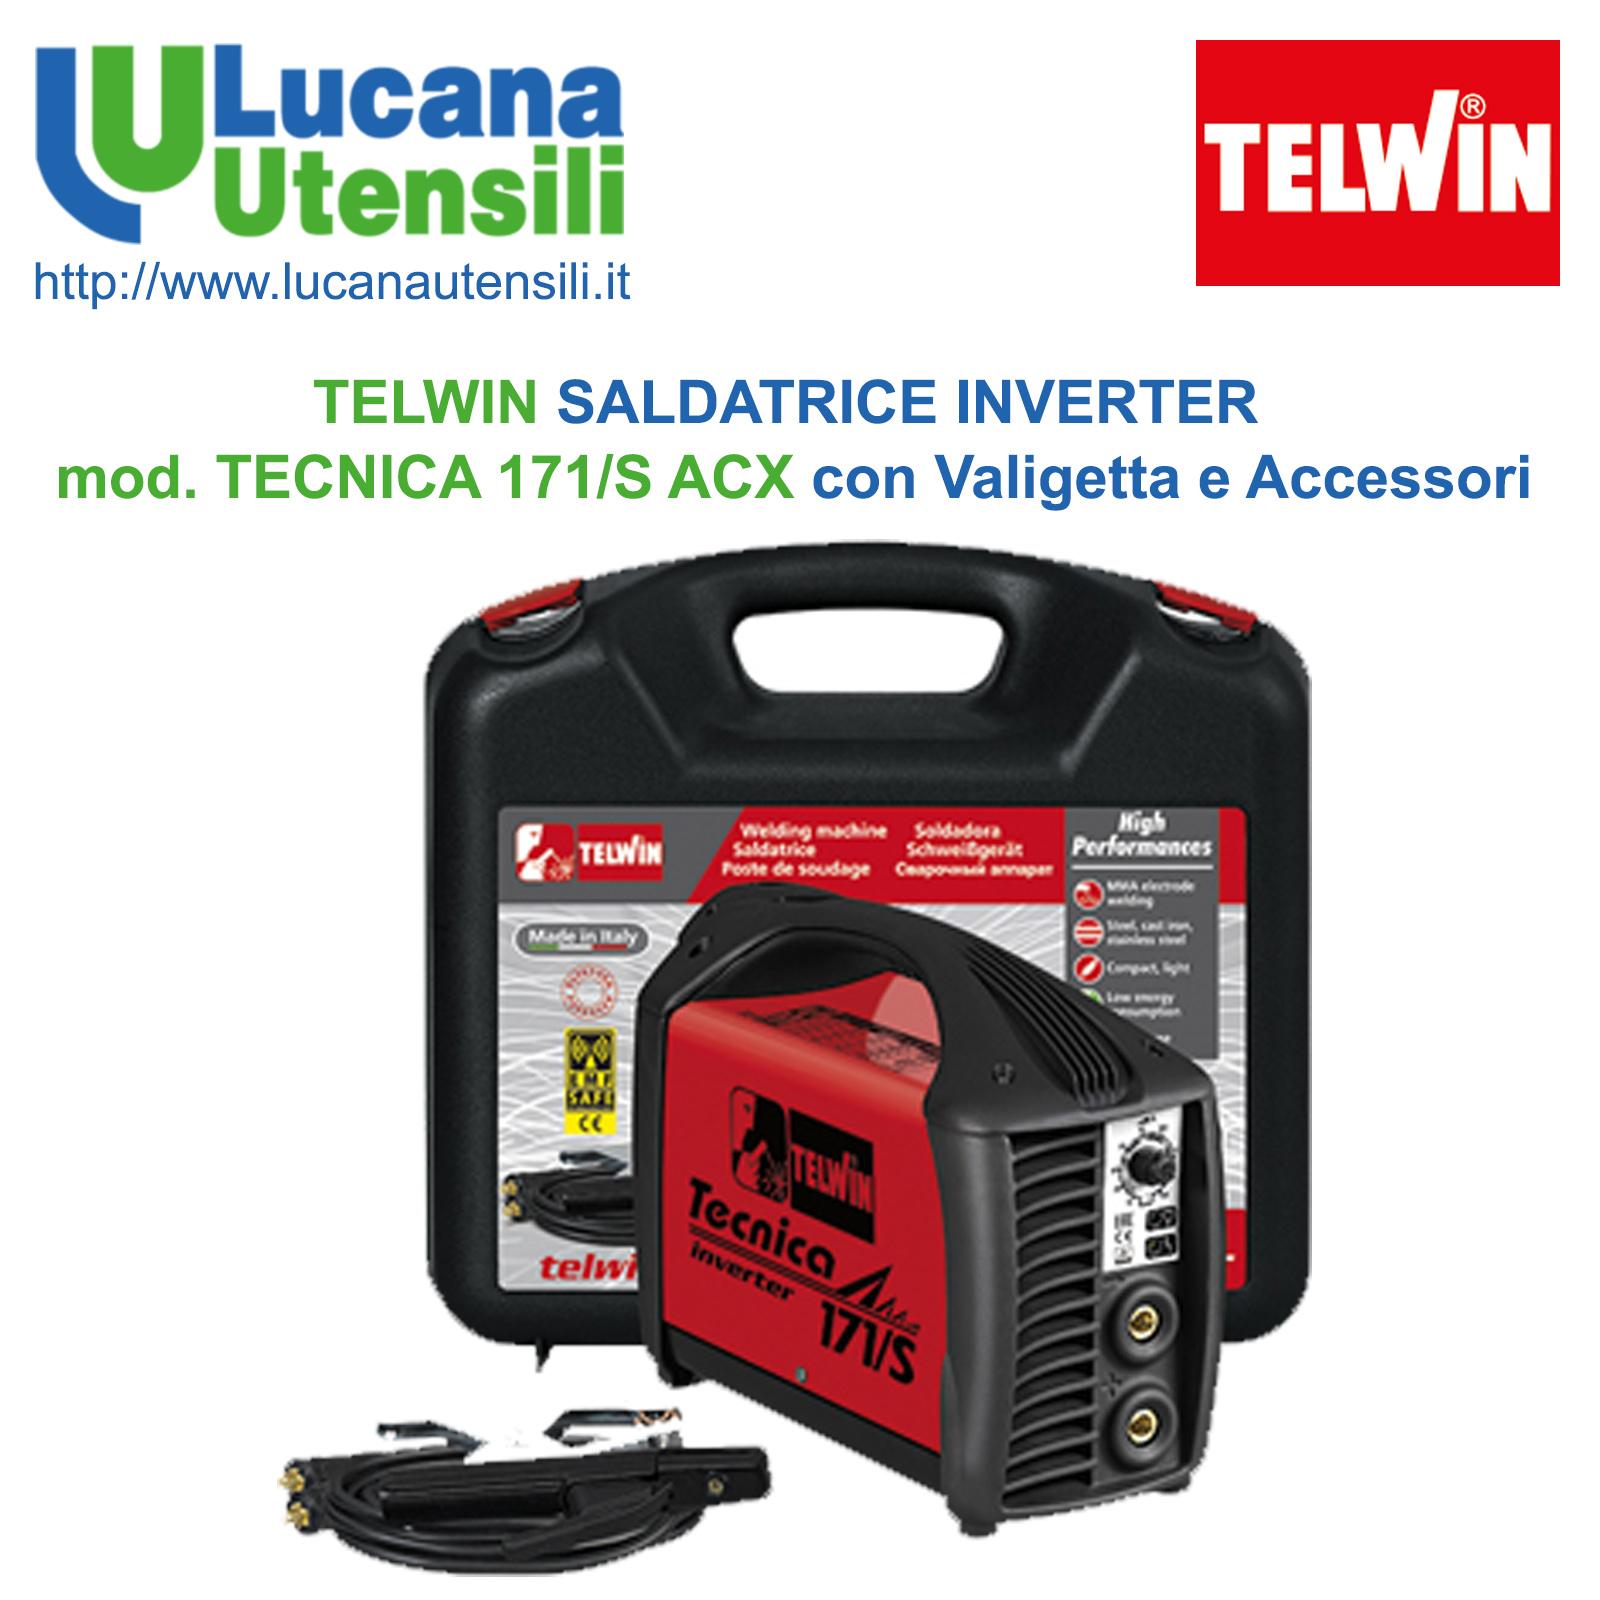 ACCESSORI E VALIGETTA IN PLASTICA SALDATRICE INVERTER TELWIN TECNICA 171//S 230V